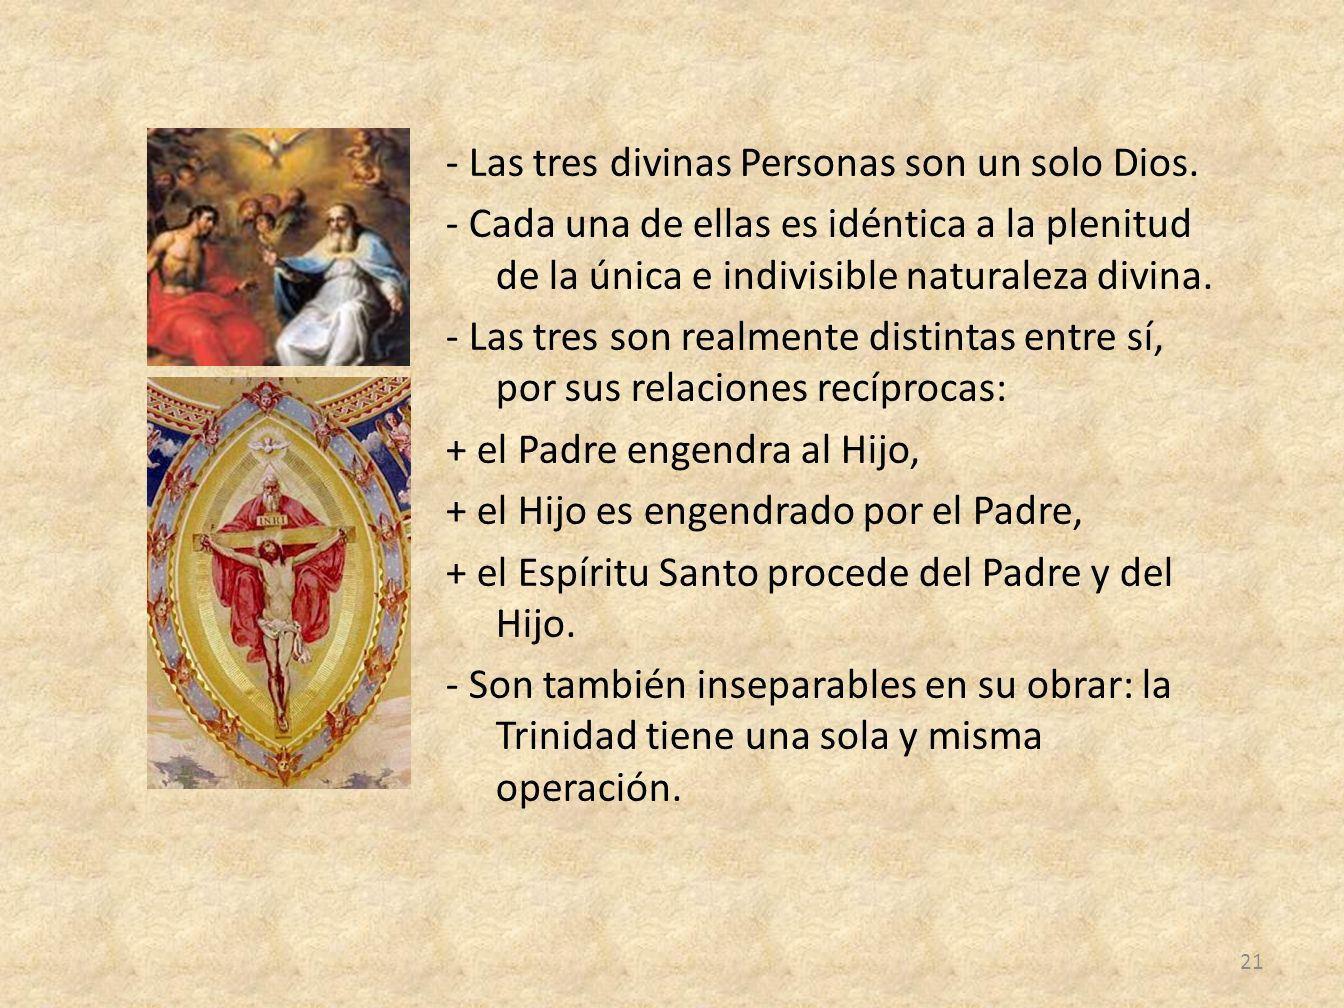 - Las tres divinas Personas son un solo Dios